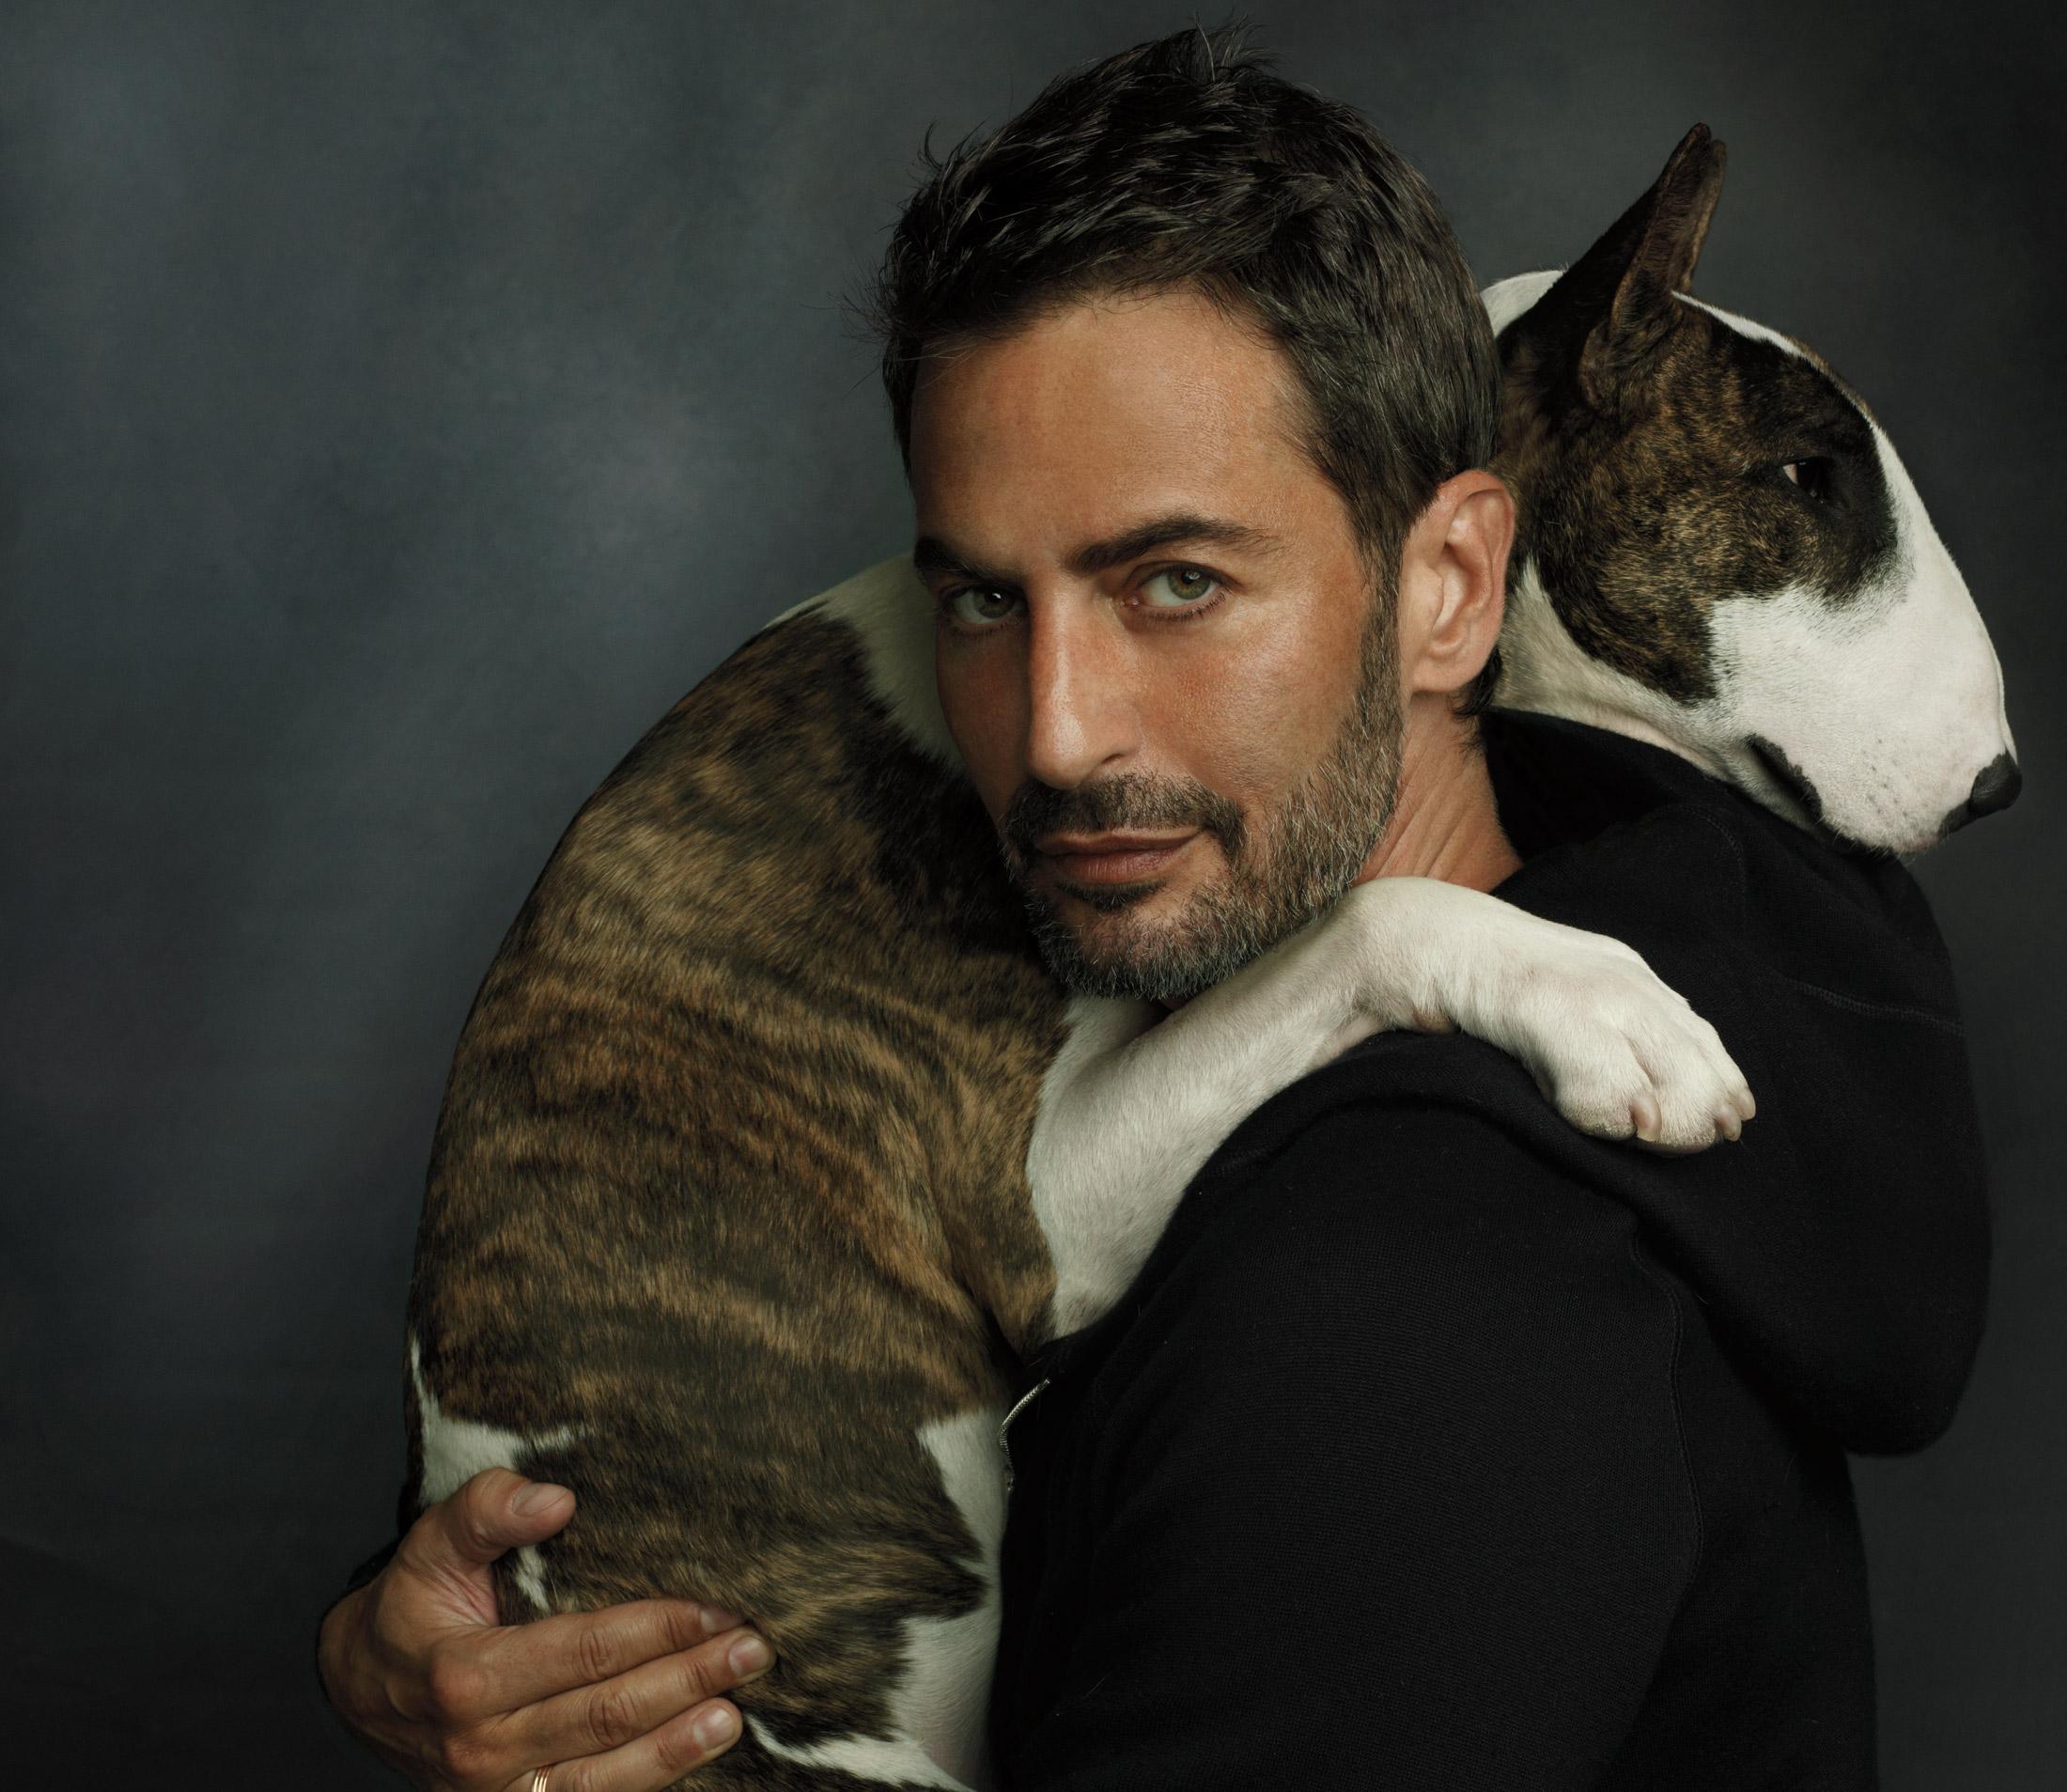 Marc Jacobs Chiusura Linea Abbigliamento Instagram Novità Profilo Ufficiale 2015